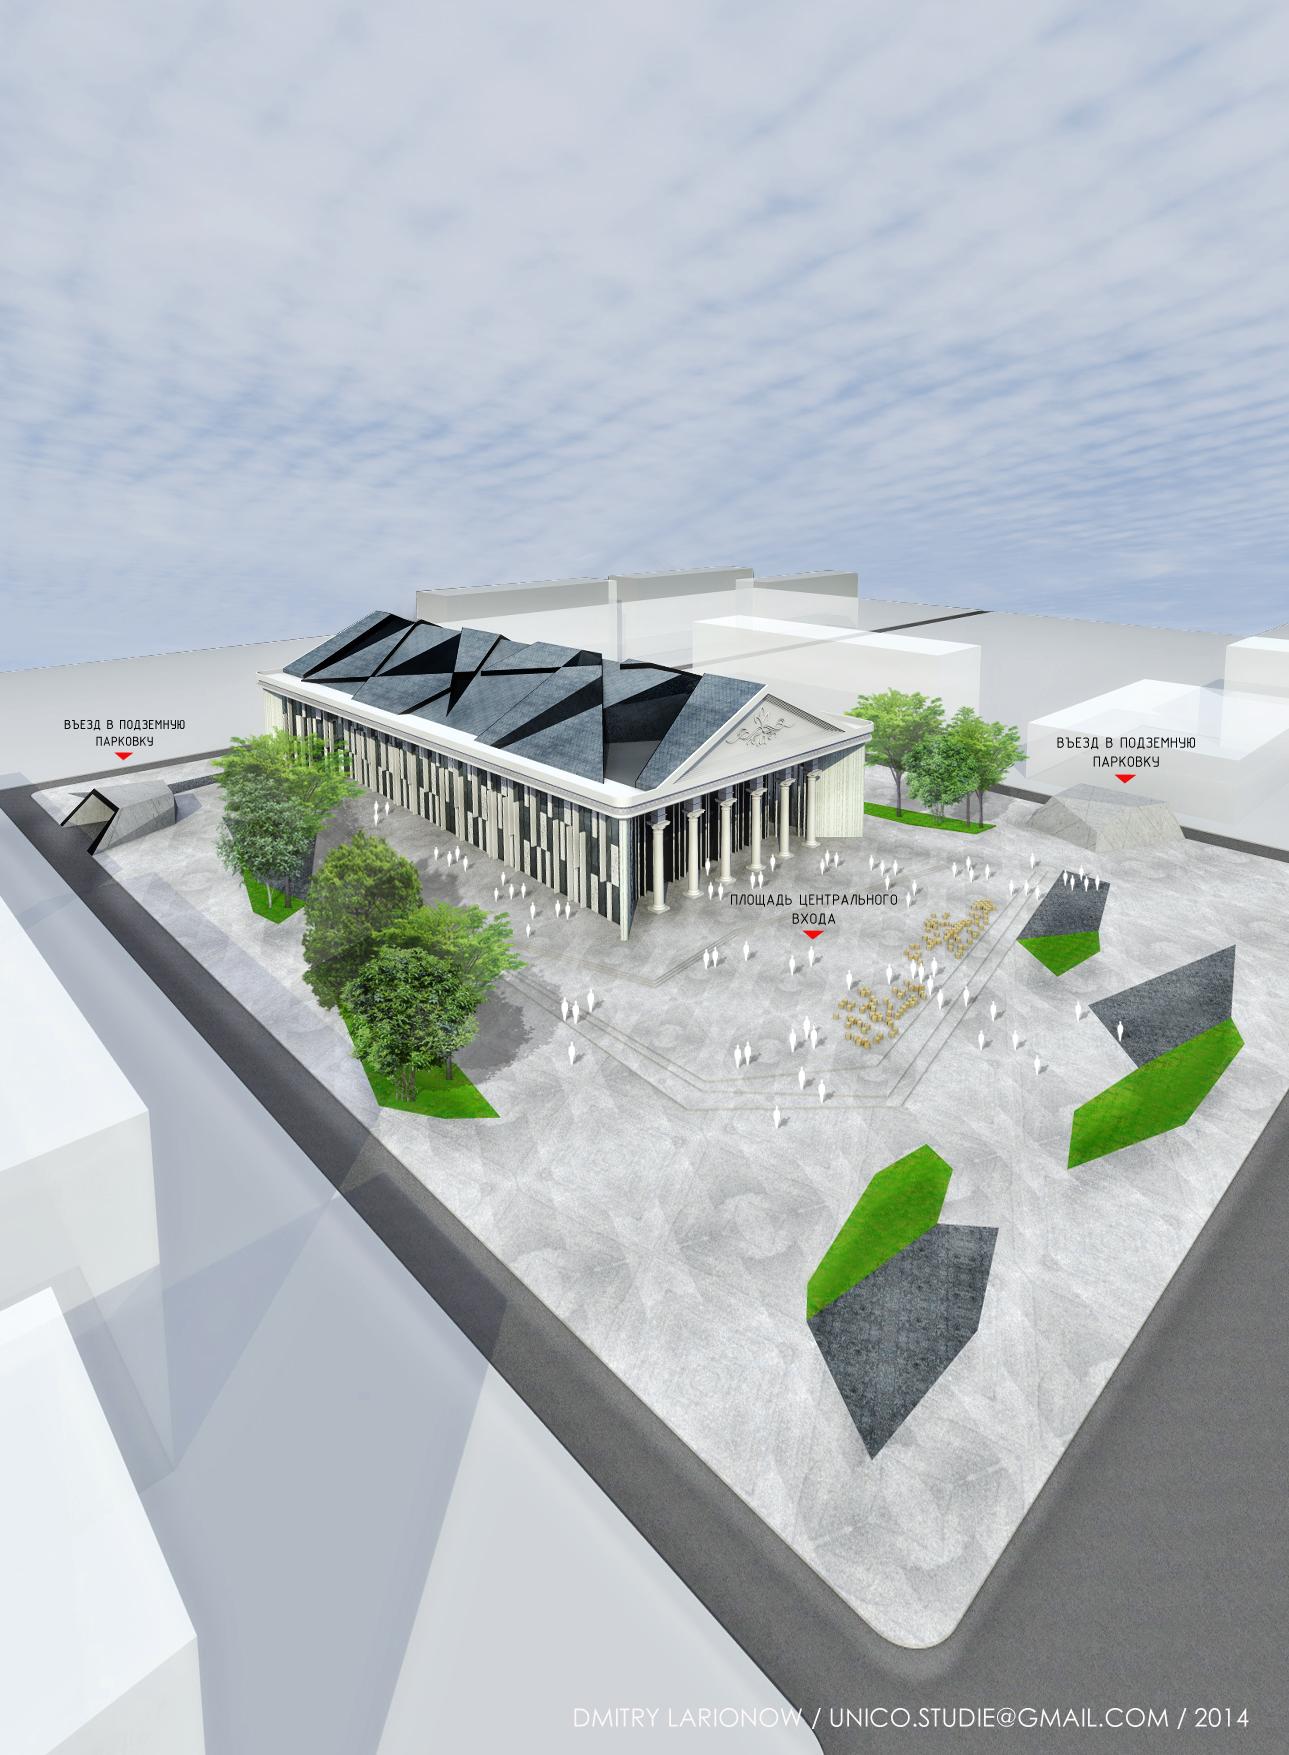 Разработка архитектурной концепции театра оперы и балета фото f_68952f6731258a5a.jpg